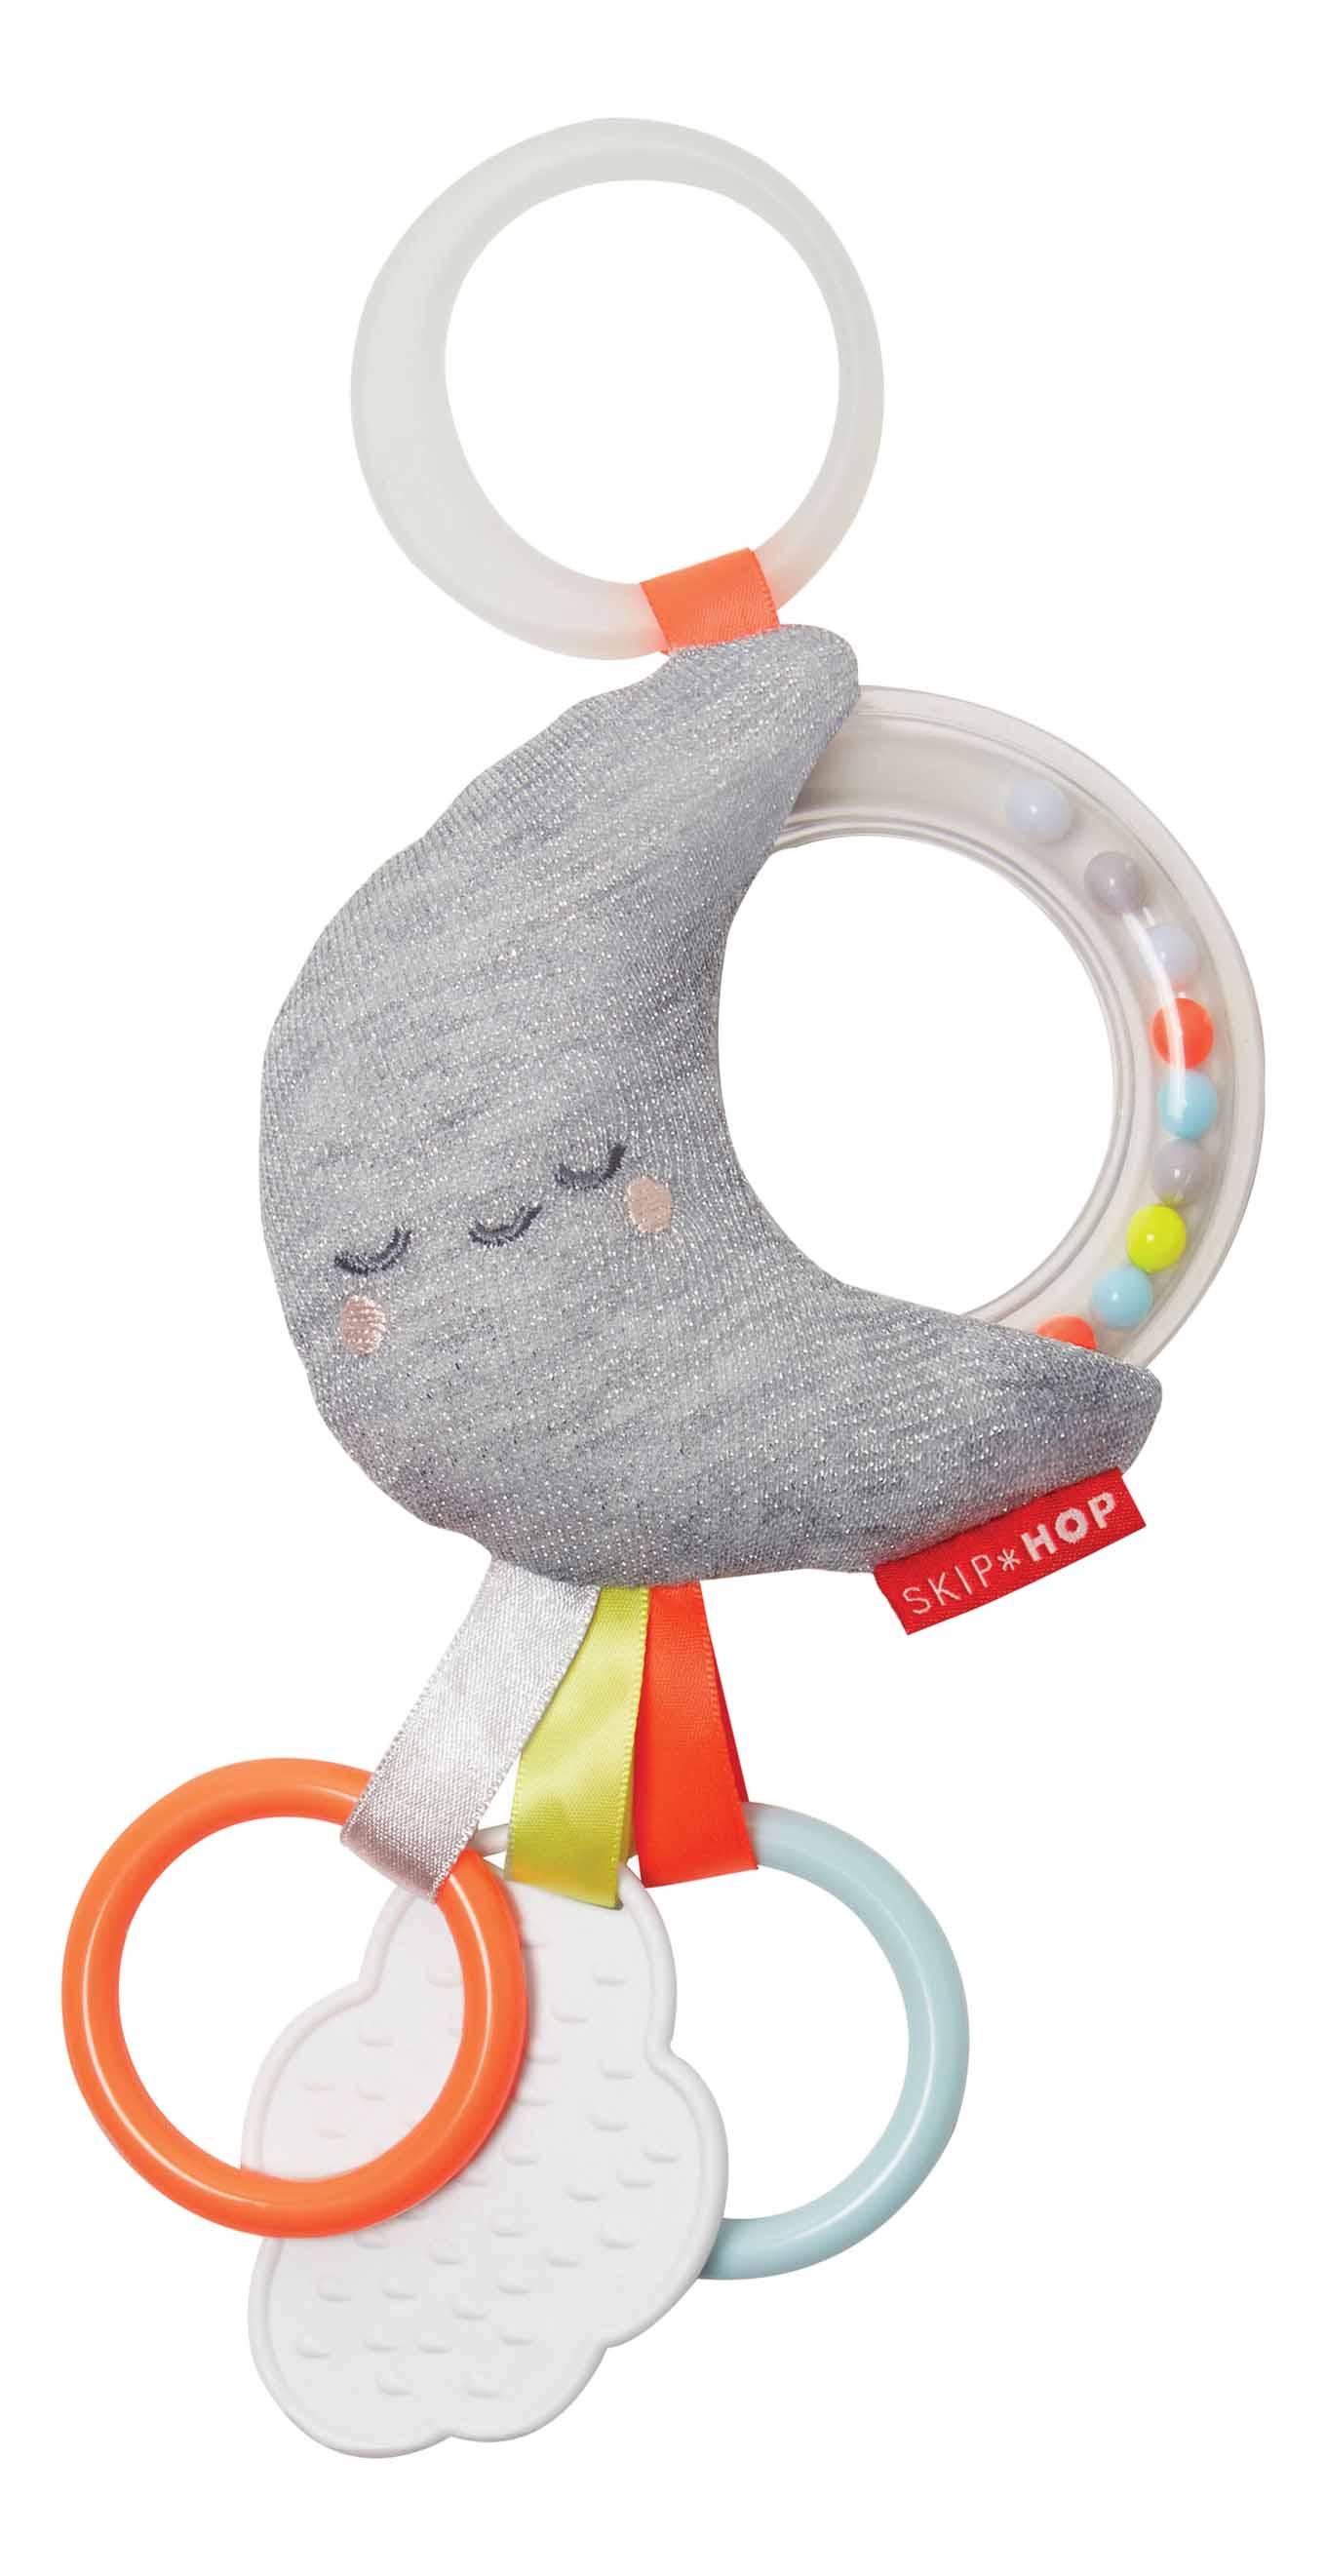 Подвесная игрушка SkipHop Месяц фото